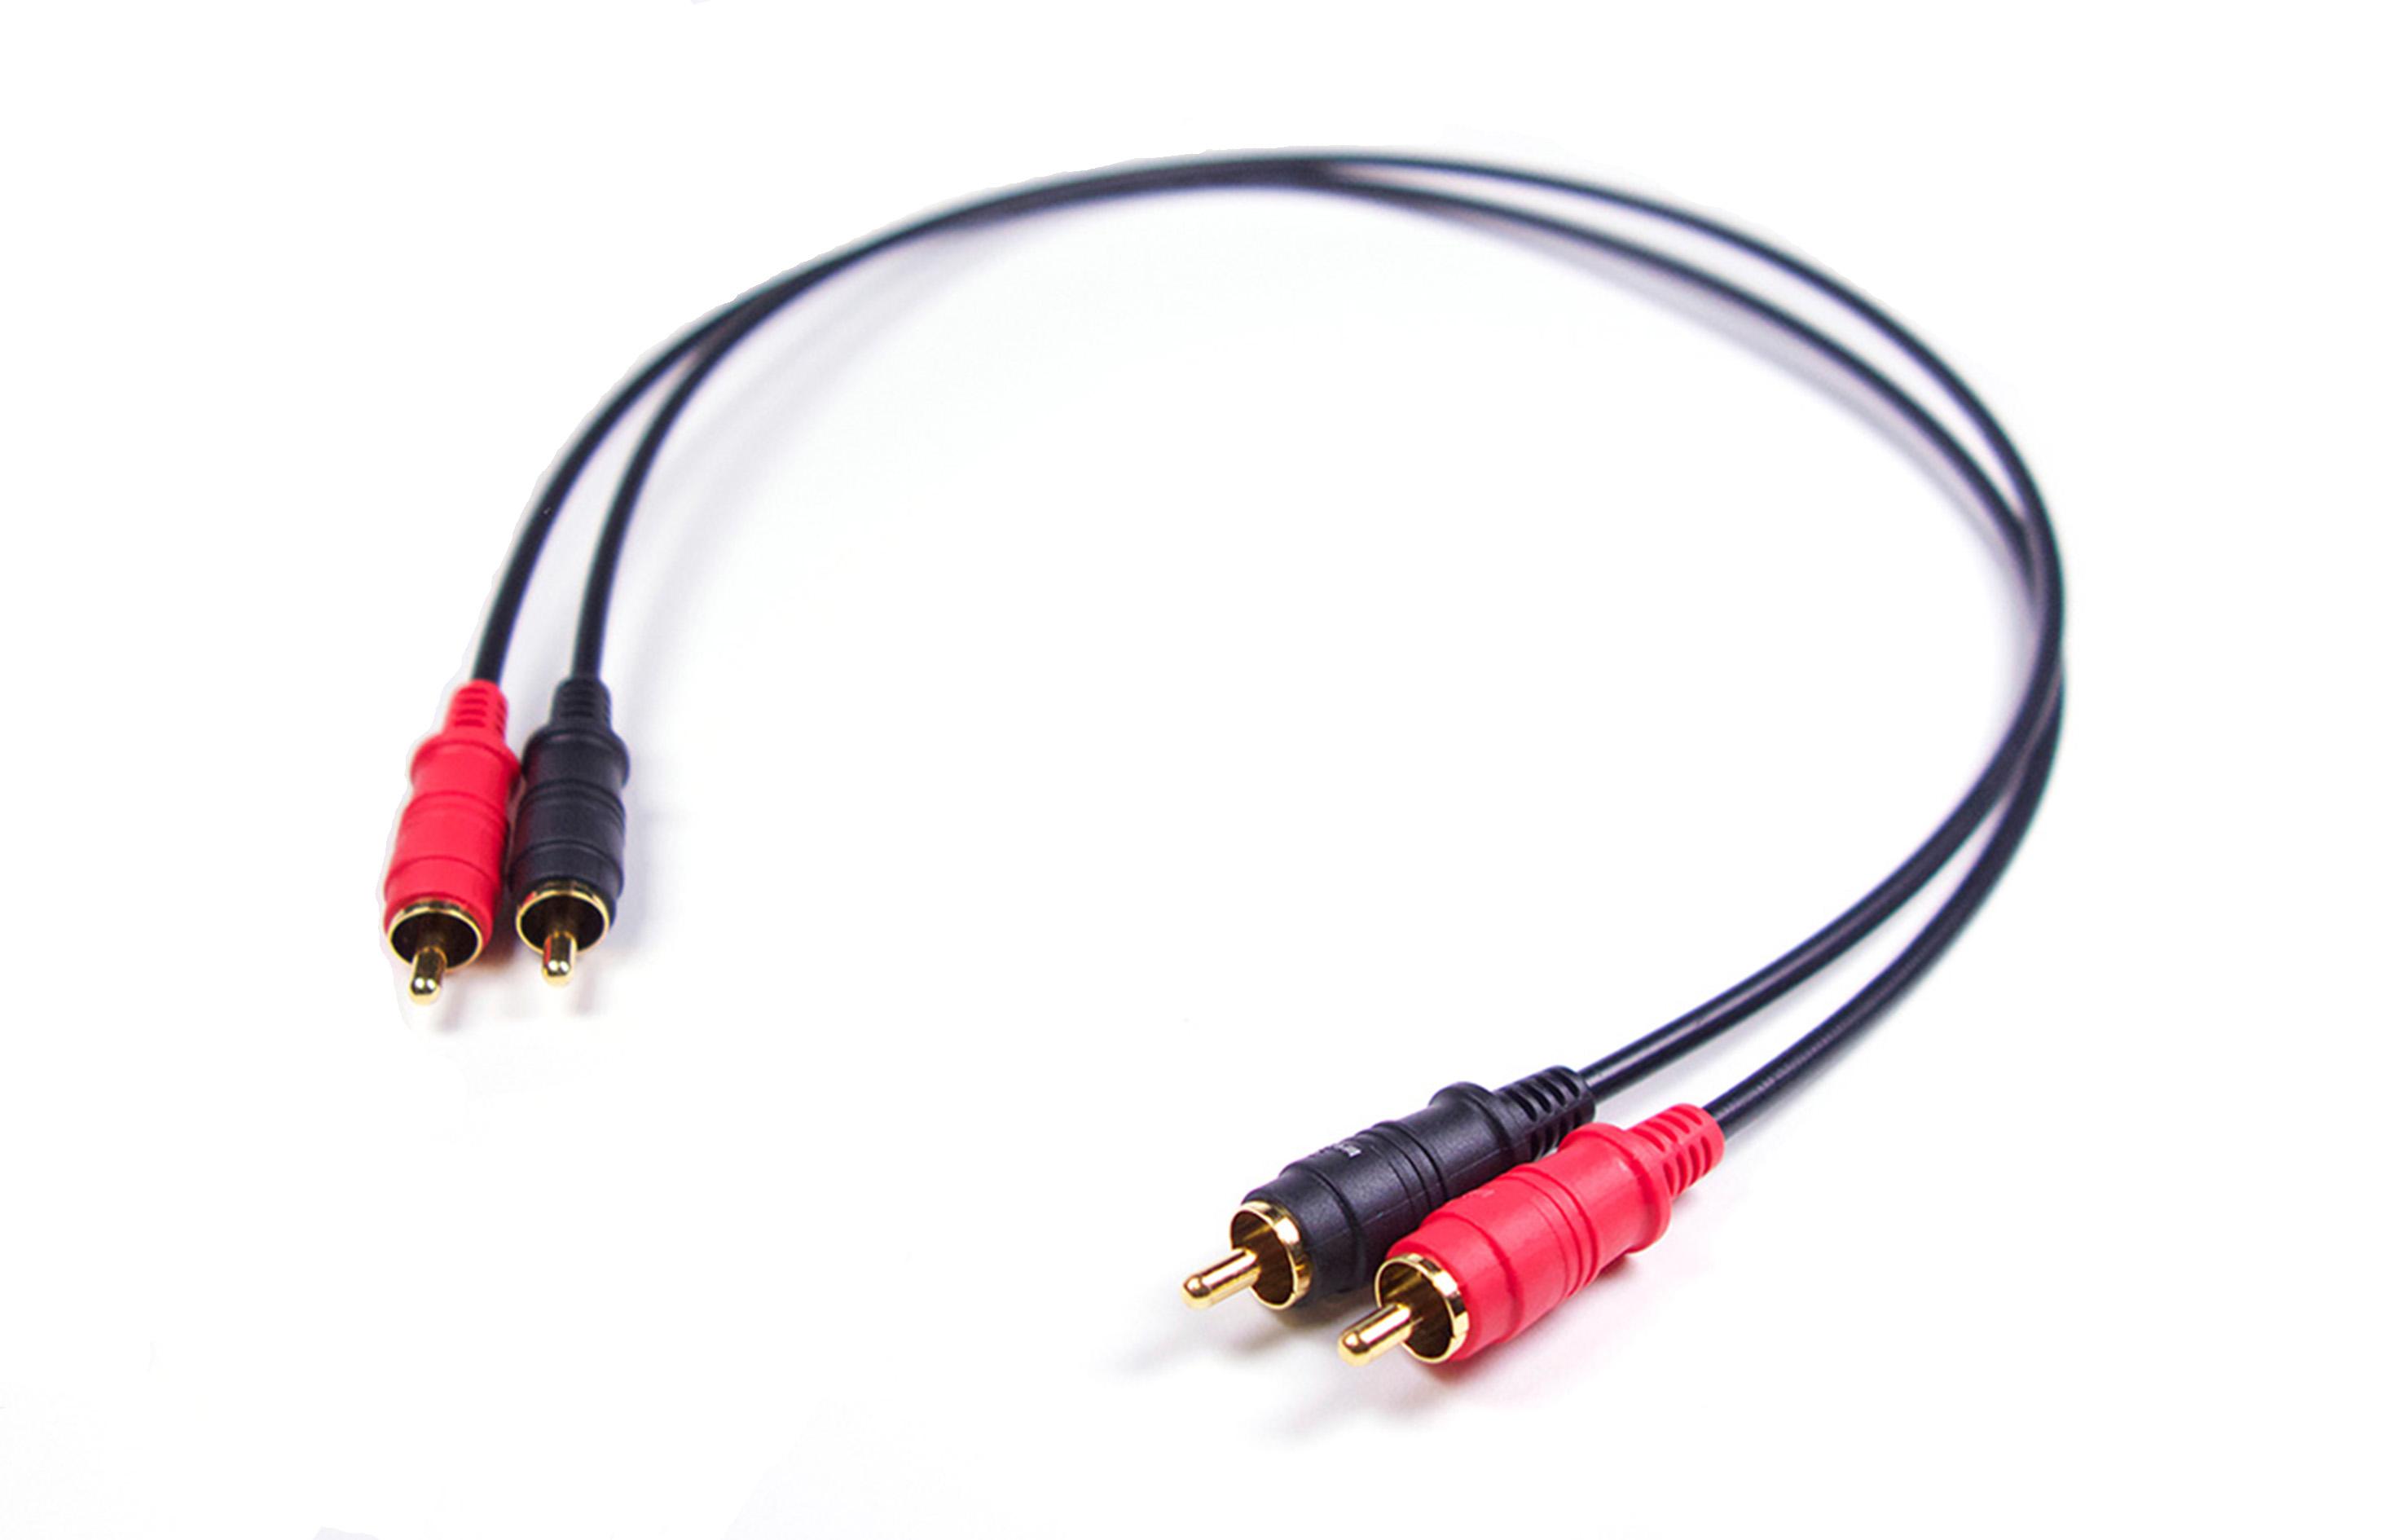 MOGAMI (モガミ) 2803 モールドRCAケーブル